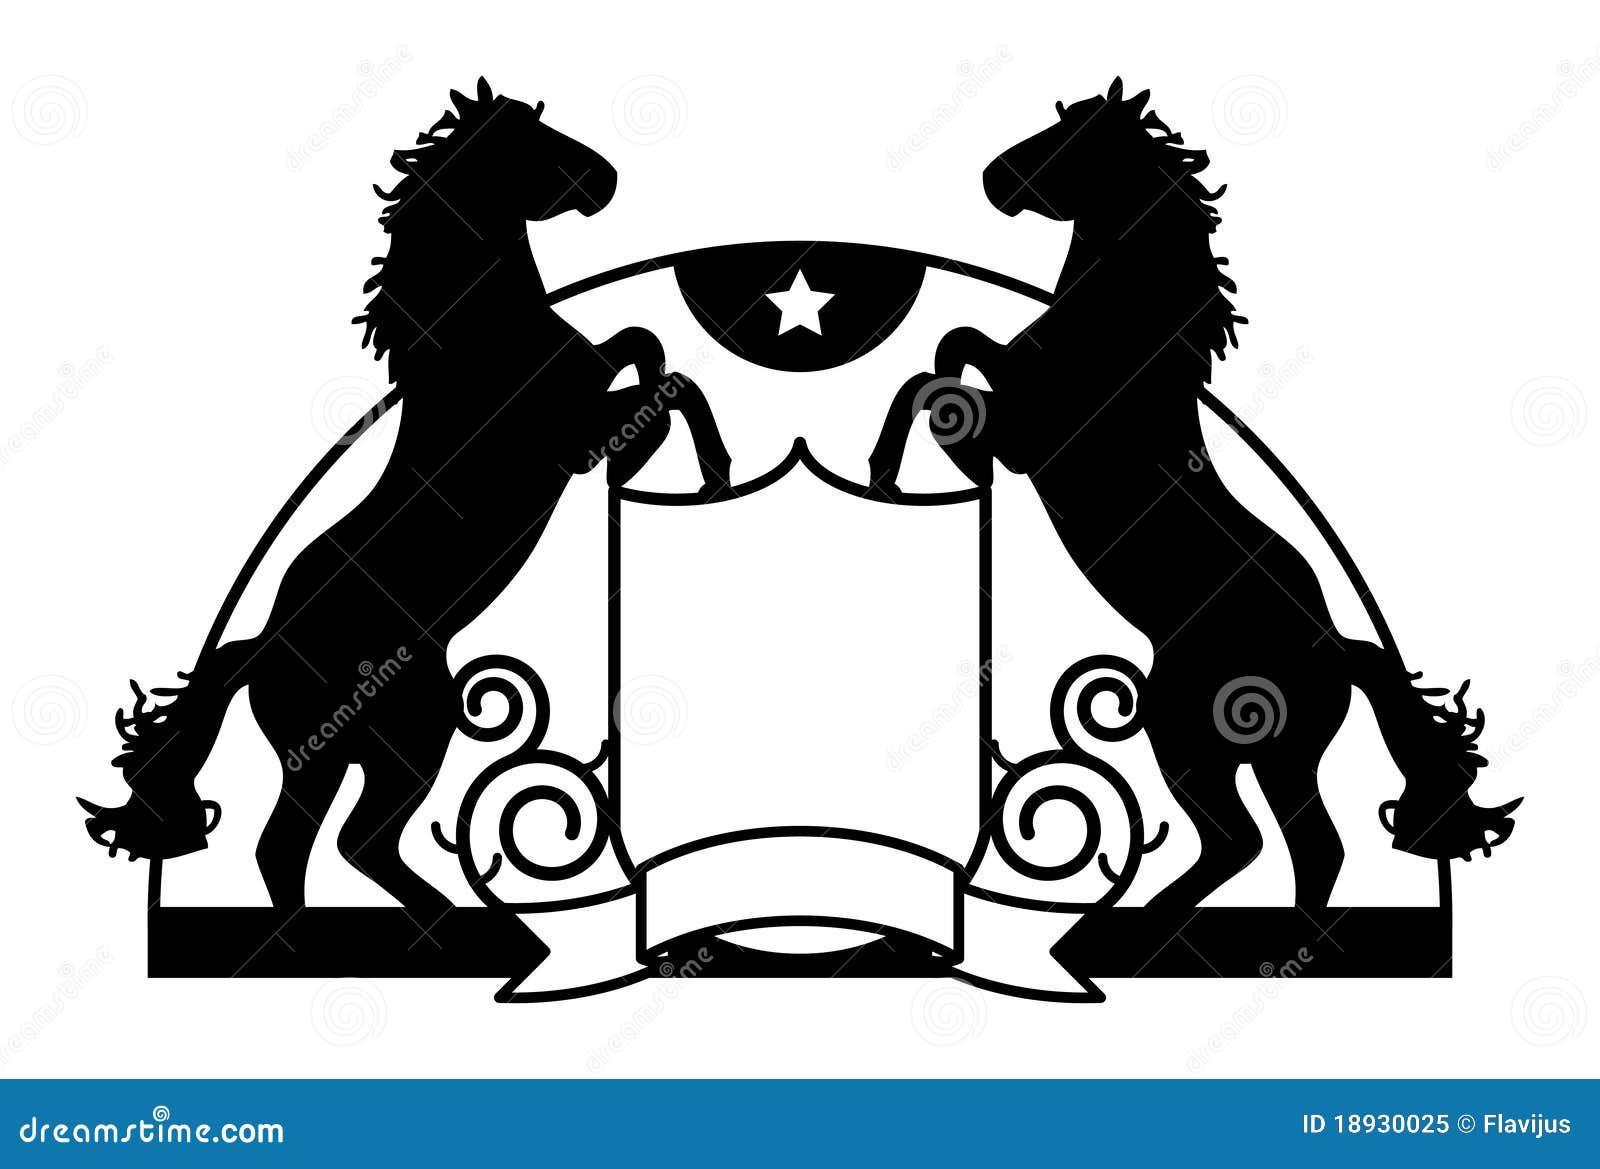 Cavallo Stilizzato Illustrazione Vettoriale Illustrazione